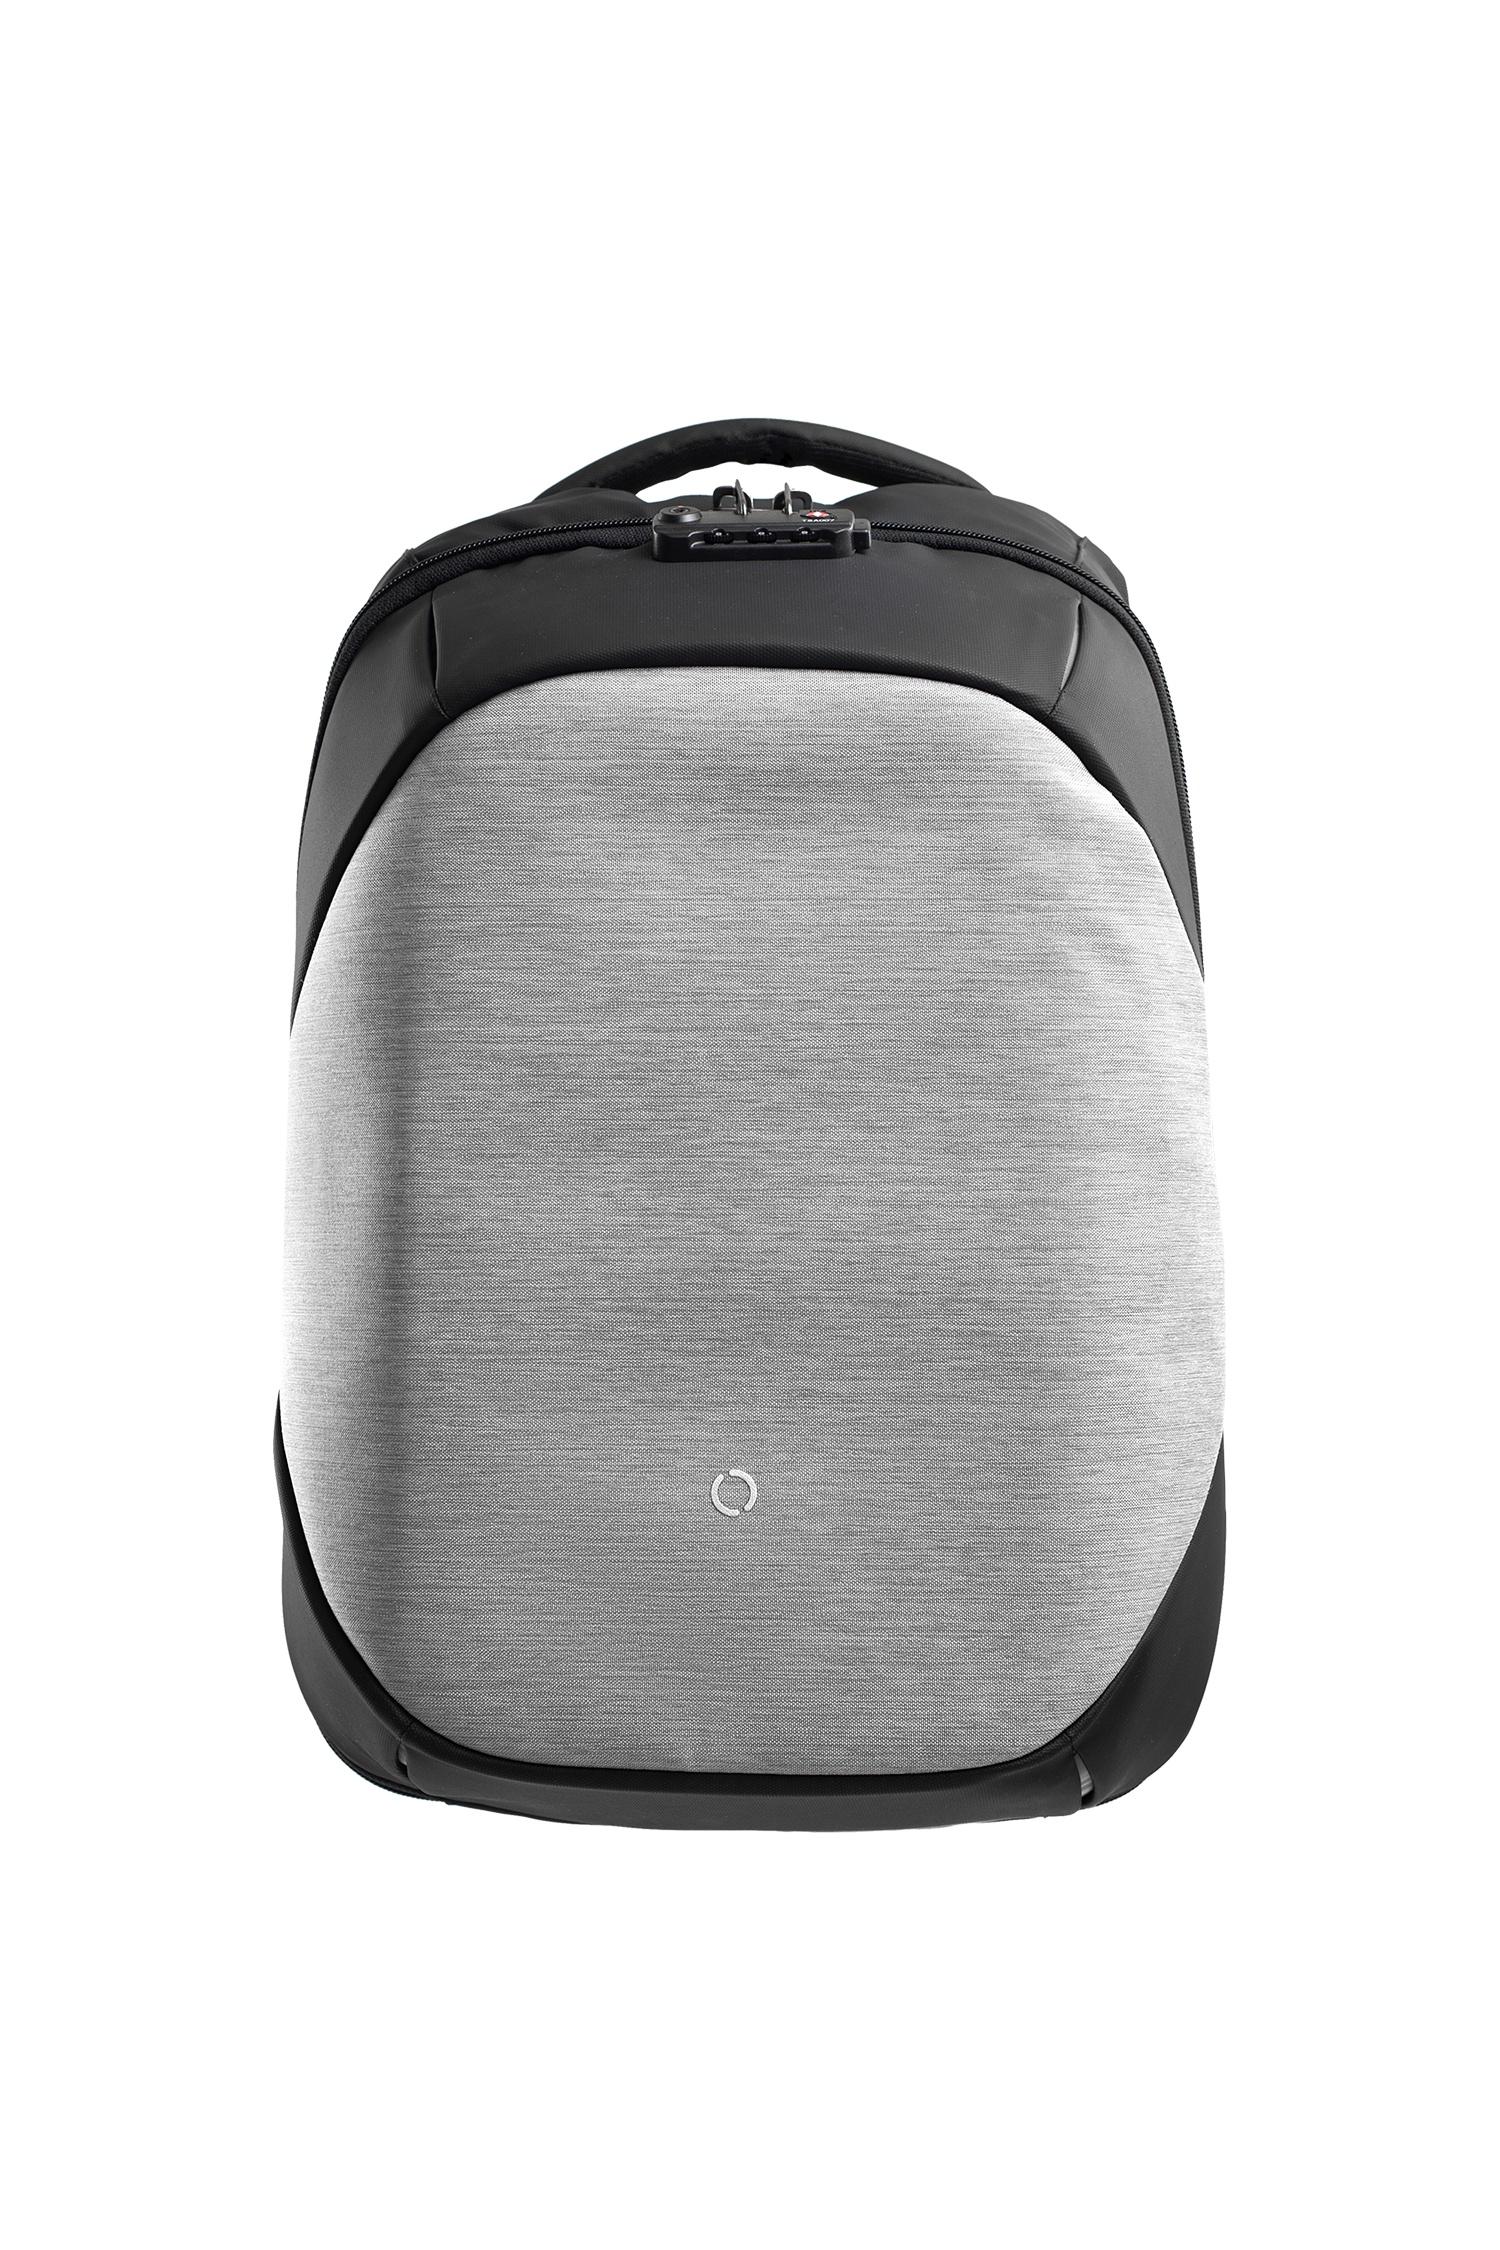 Рюкзак городской Korin Design ClickPack Basic Gray, серый рюкзак korin design clickpack gray серый